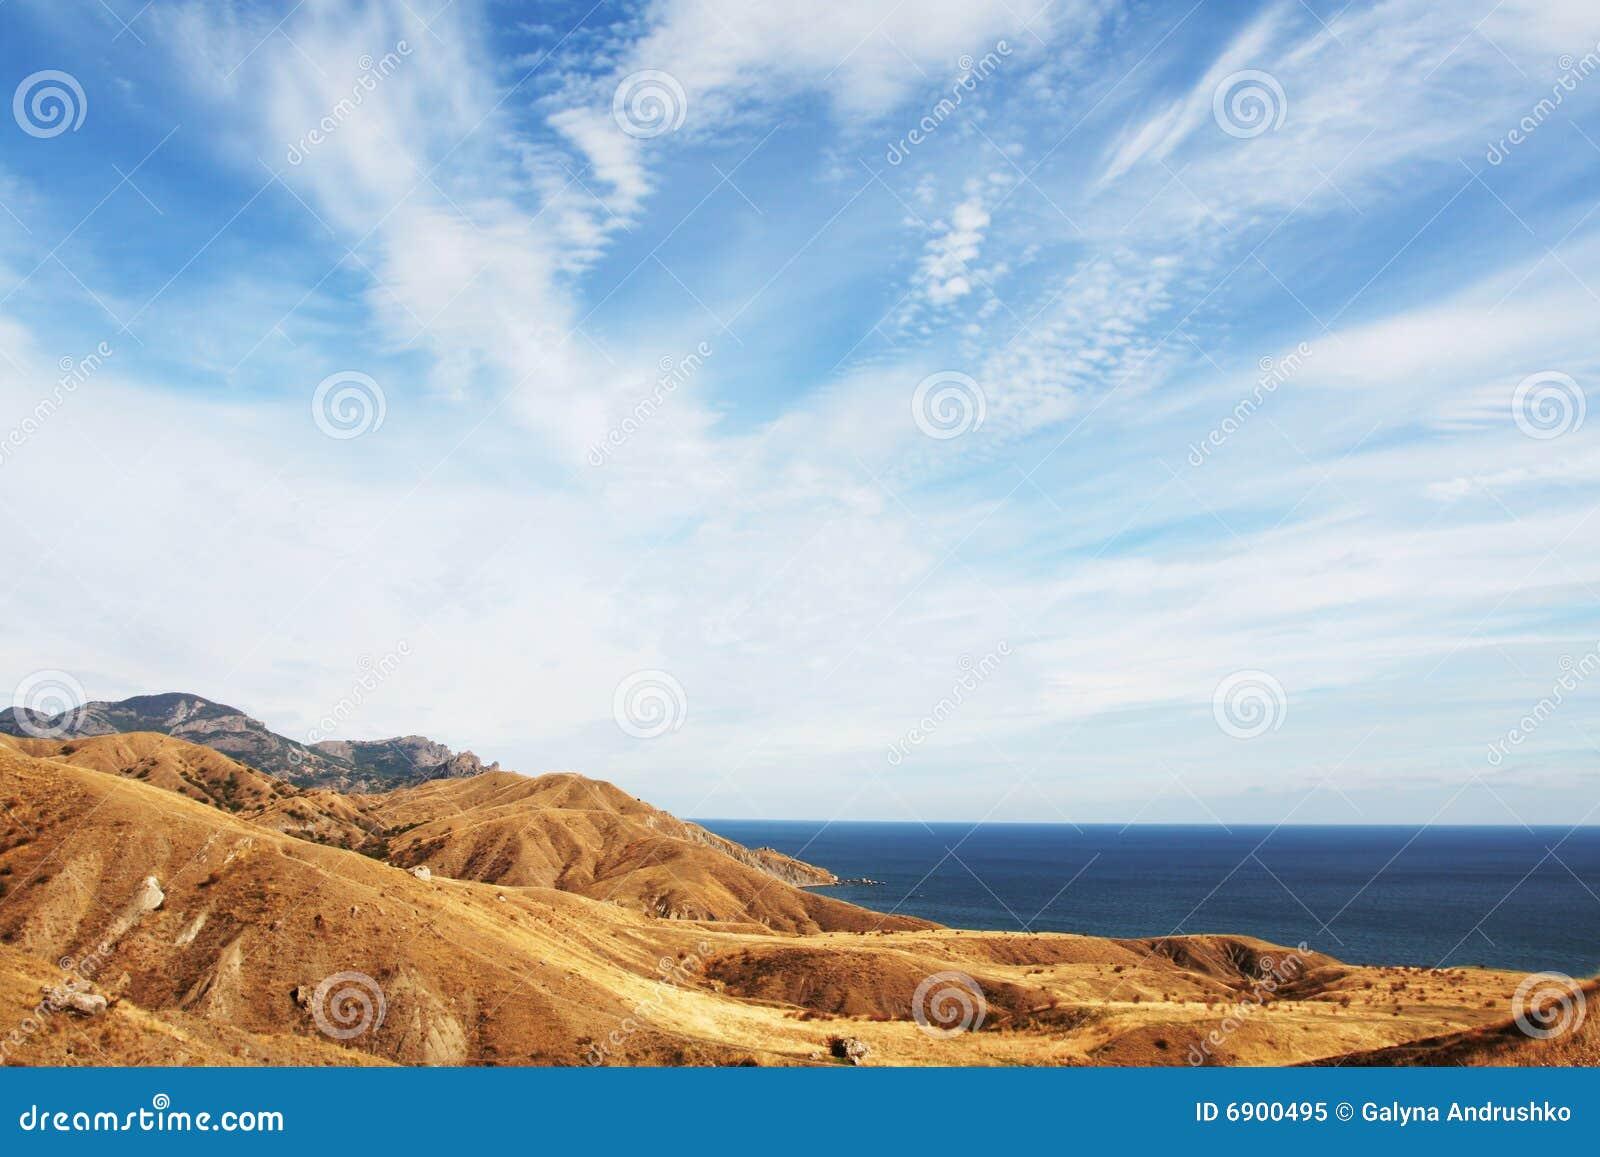 Overzeese kust in de Krim